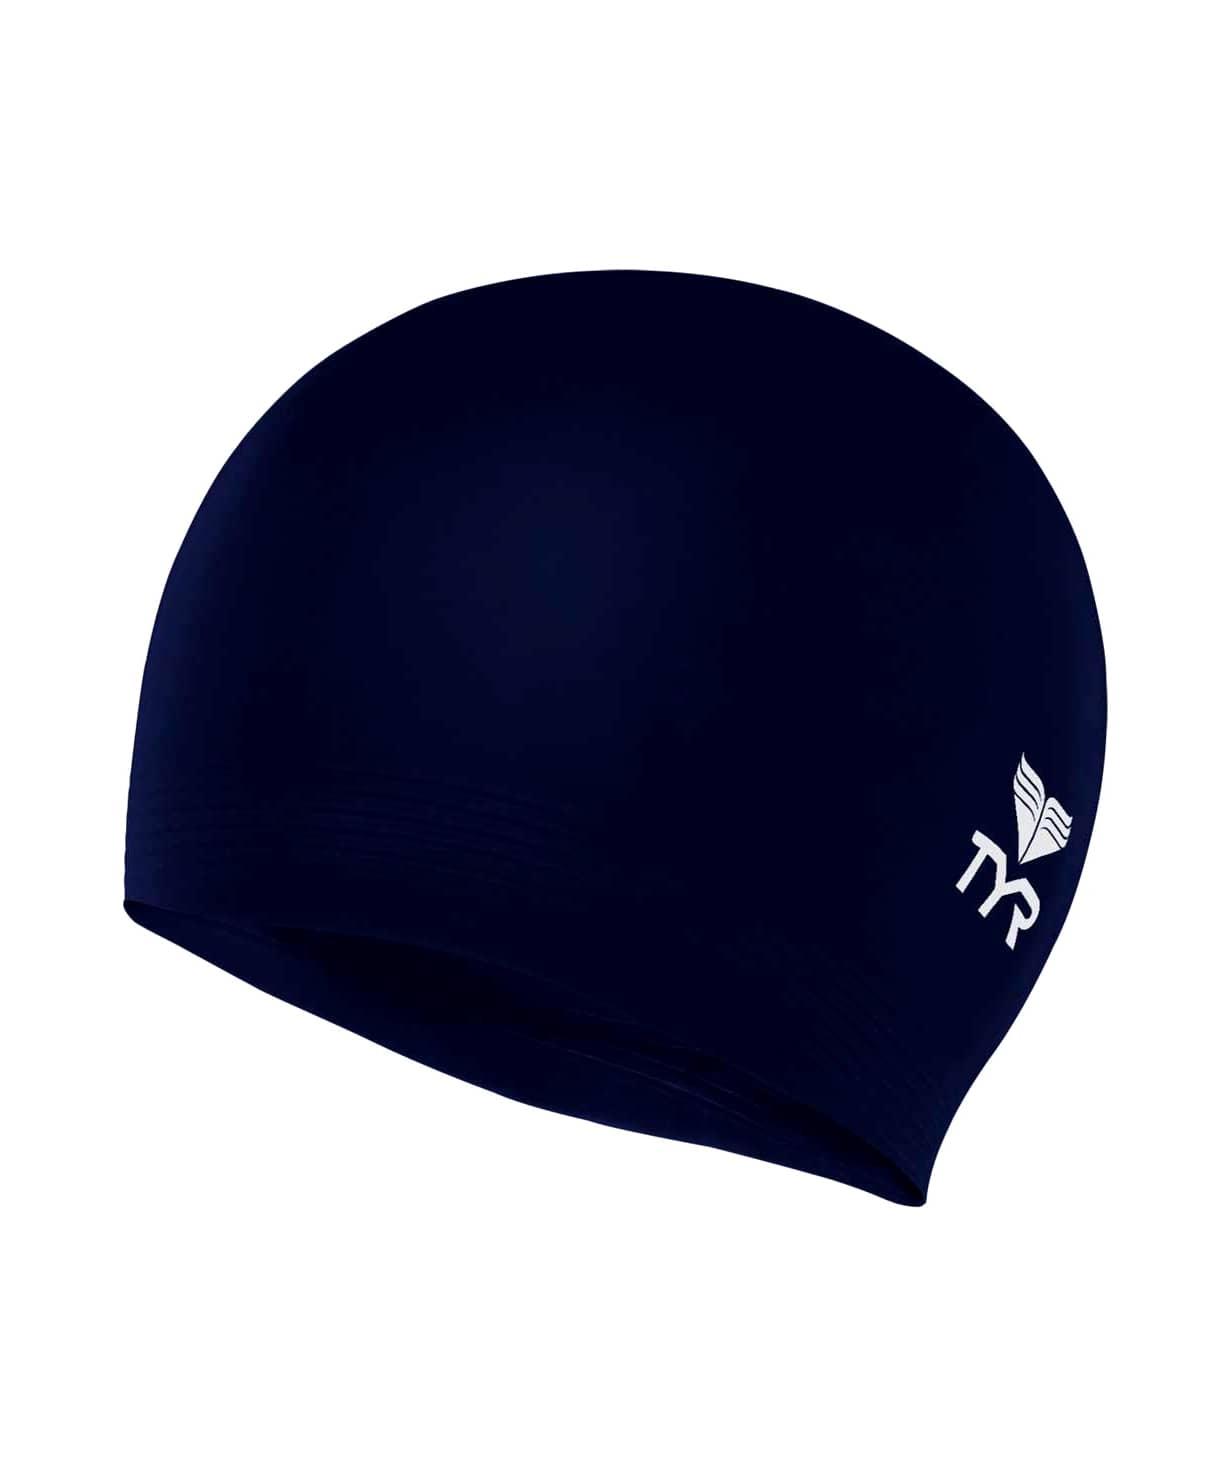 Шапочка для плавания Latex Swim Cap, латекс, LCL/401, синий